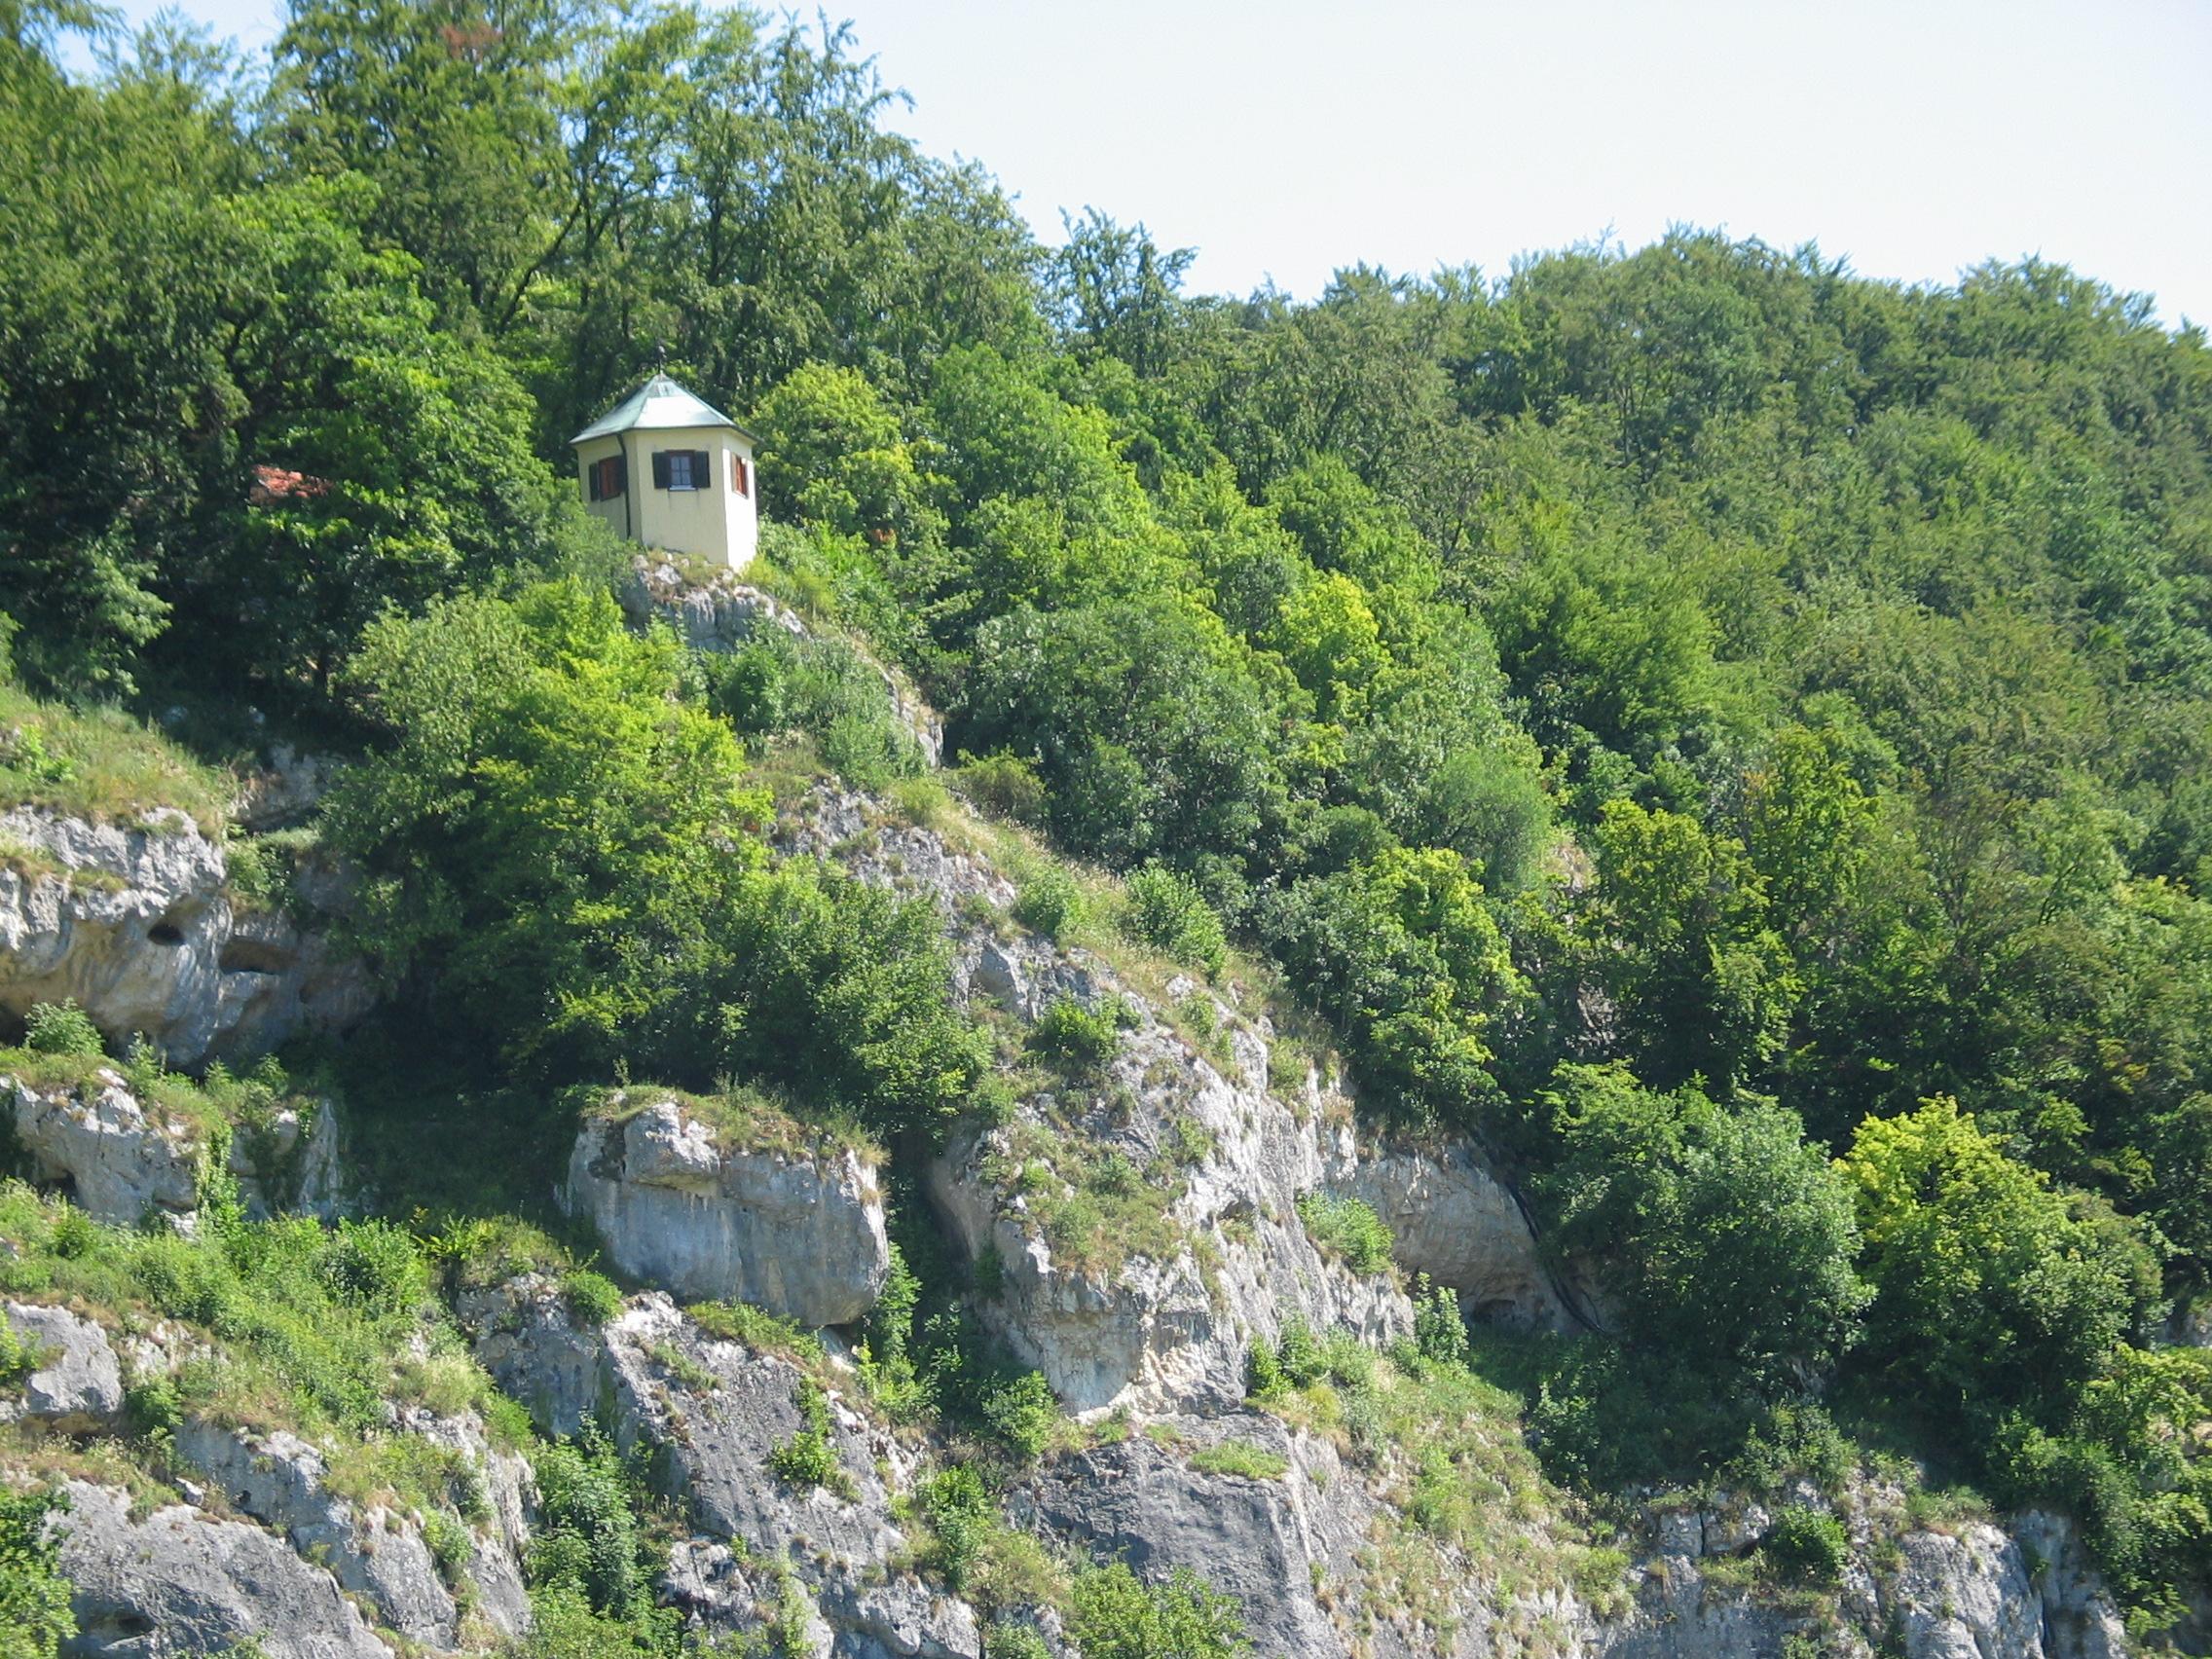 Blick zur Tropfsteinhoehle Schulerloch im Bayerischen Jura